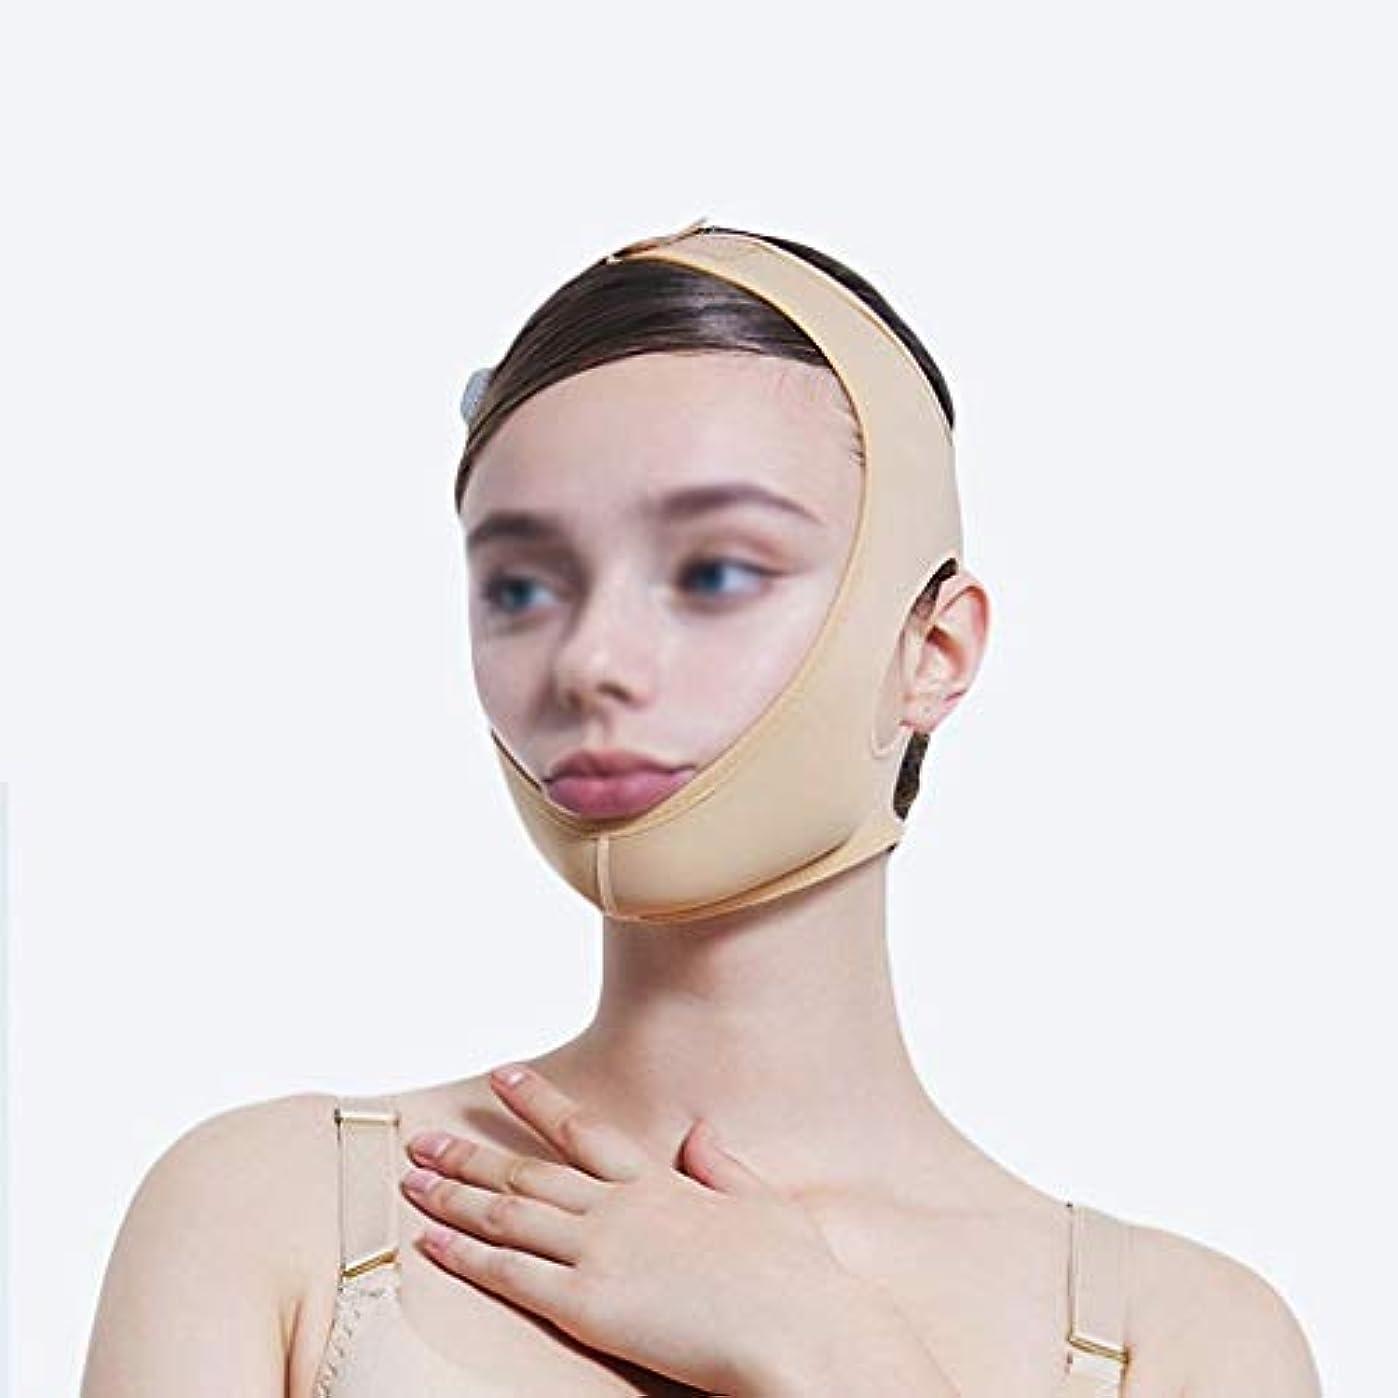 フェイシャルライン、頬、しわ防止フェイシャル減量、フェイスバンド、フェイスマスク、フェイスリフティング、通気性、ダブルチンストラップ(サイズ:XXL),XS